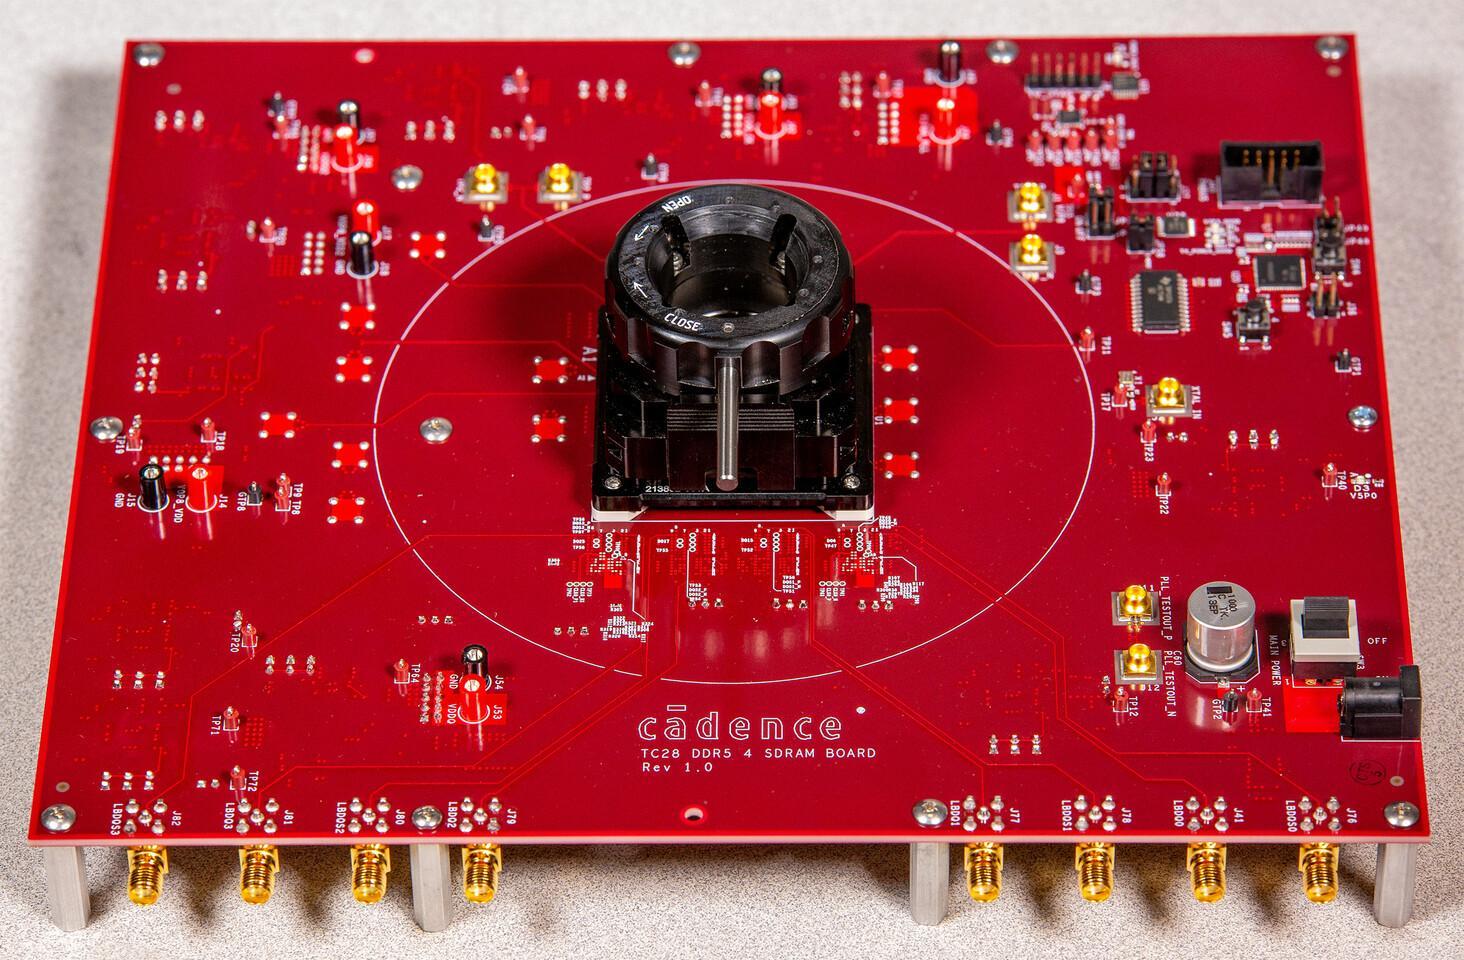 DDR5 наскорости 4800 МТ/с, первые системы накристалле вэтом году